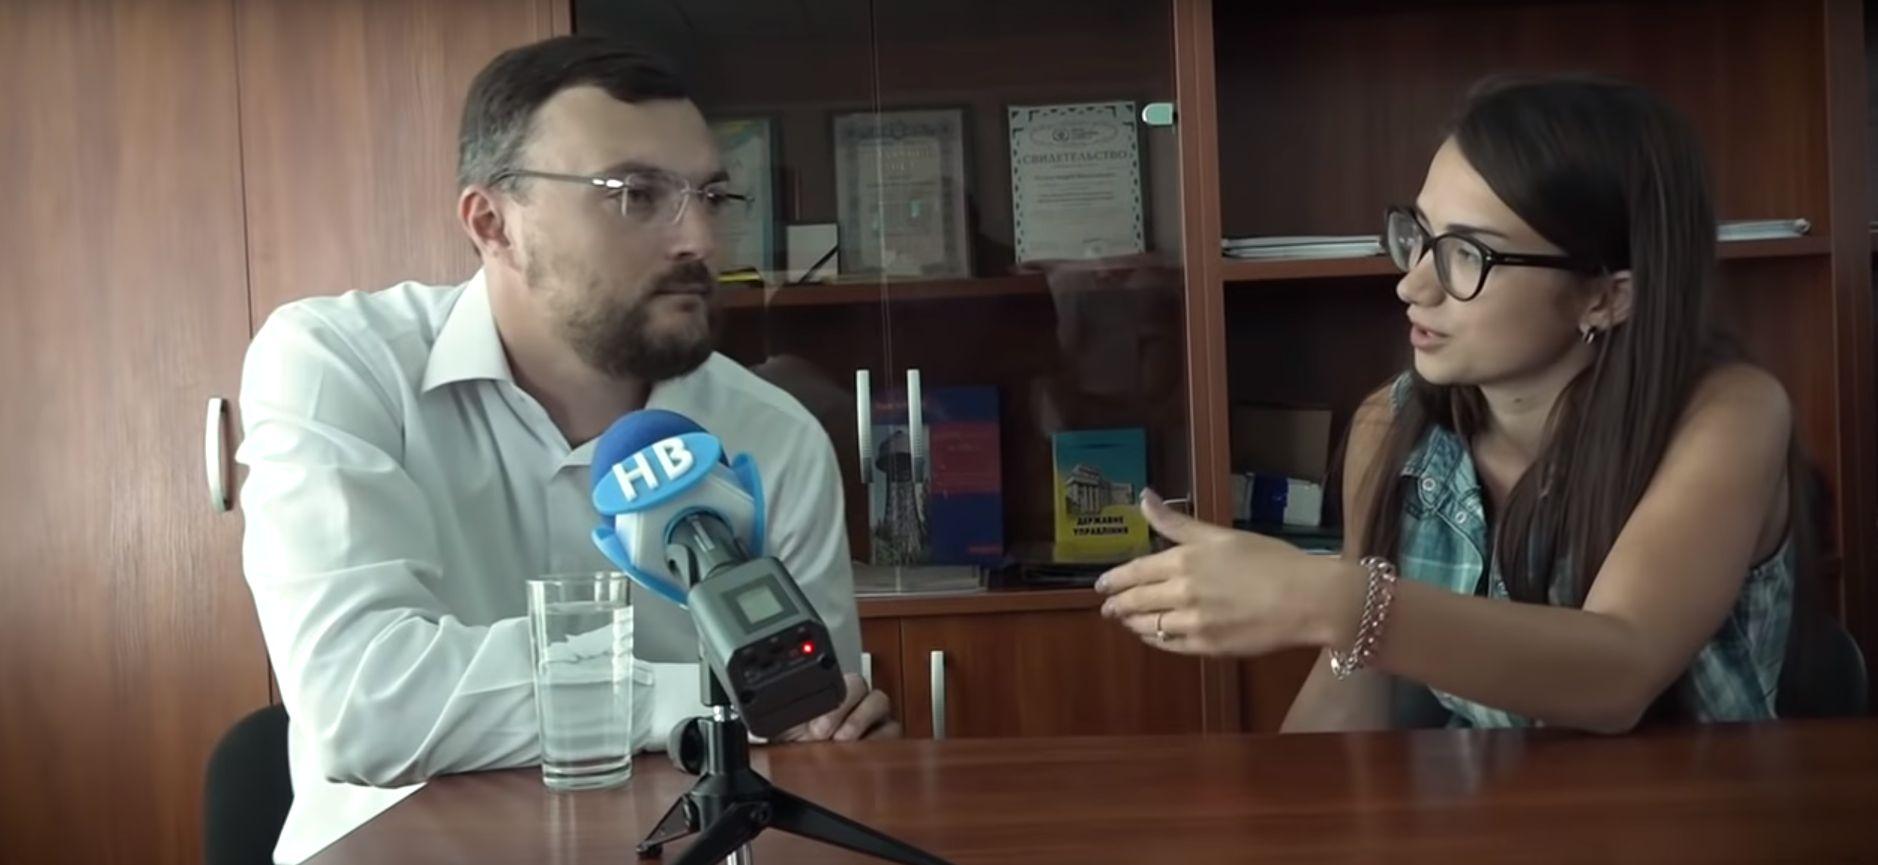 Оппозиционер Игорь Дятлов отметил, что новый председатель комиссии ЖКХ Лепишев за три недели не нашел сил собрать заседание